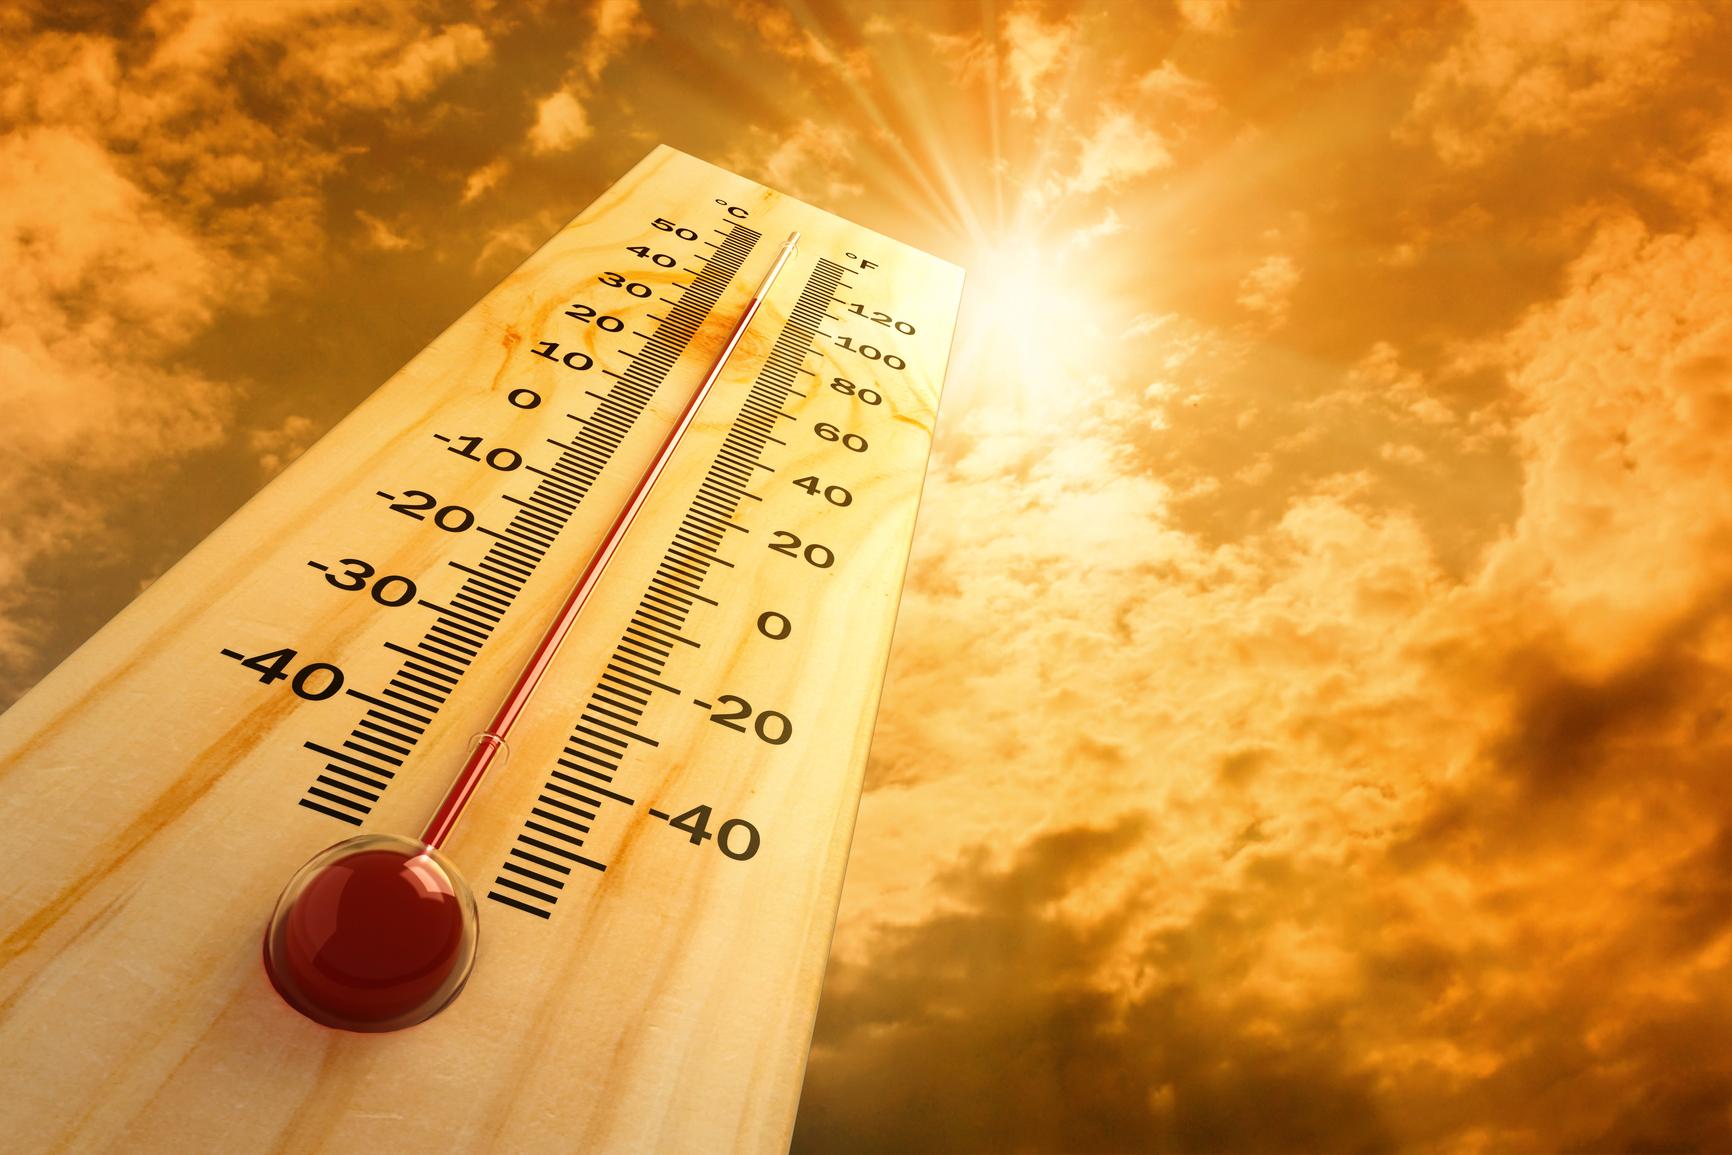 Termometreler yakında 40'ı gösterecek!